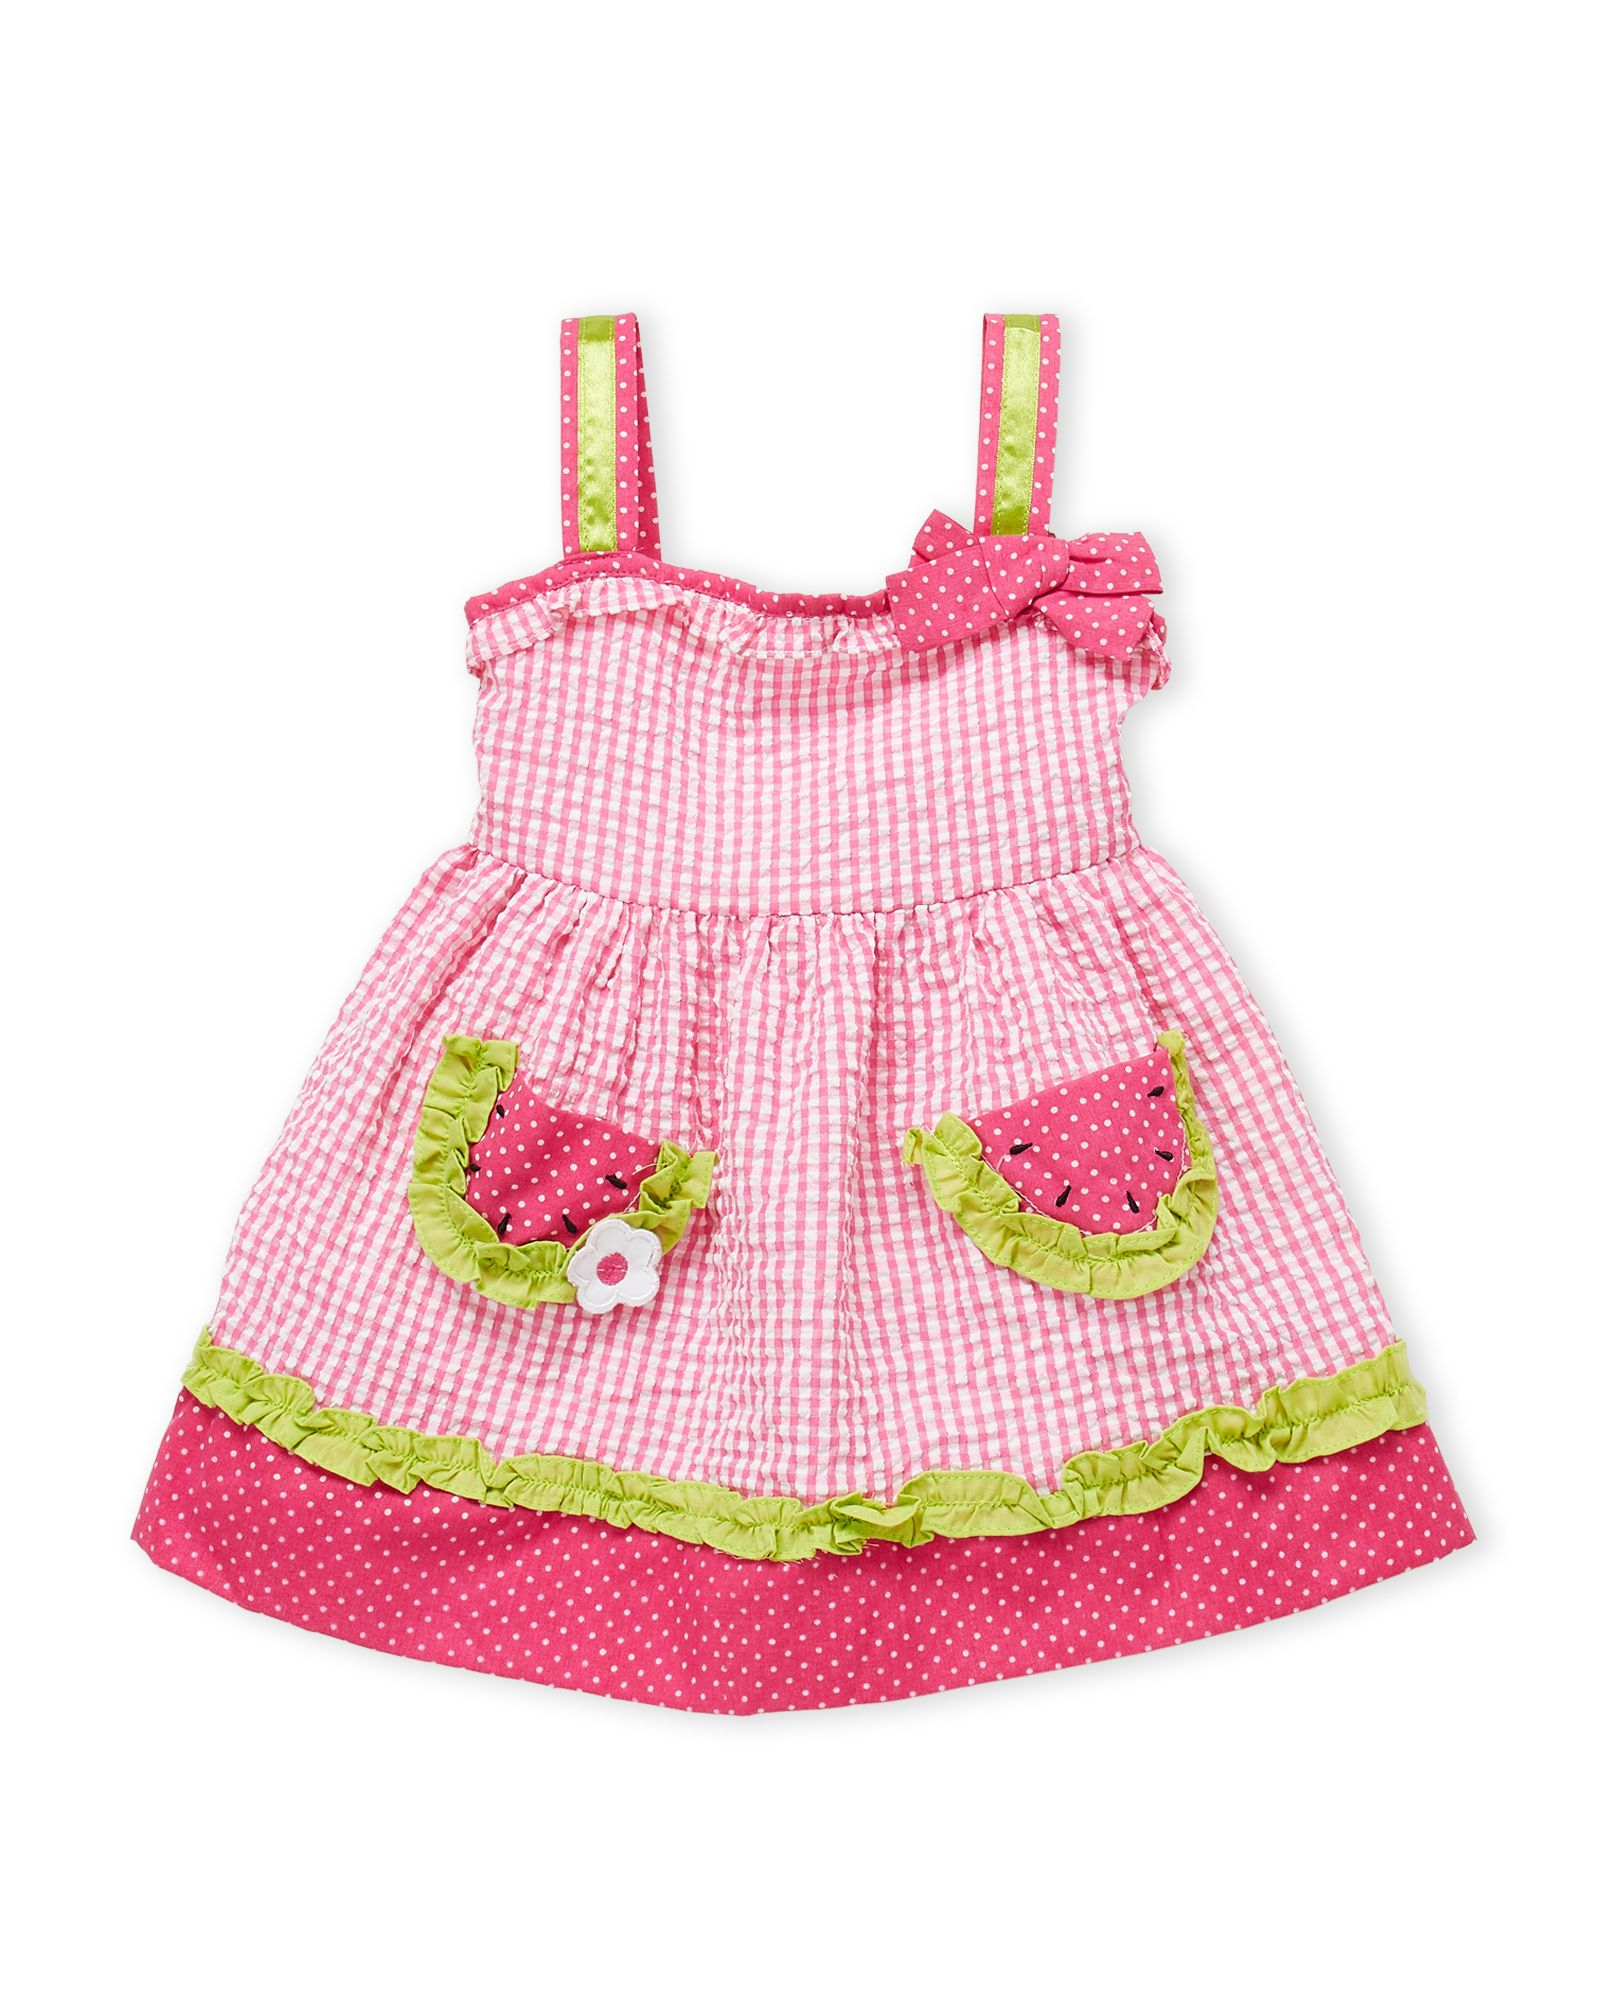 8d2f5a3e3 Samara (Toddler Girls) Gingham Watermelon Dress | *Apparel ...